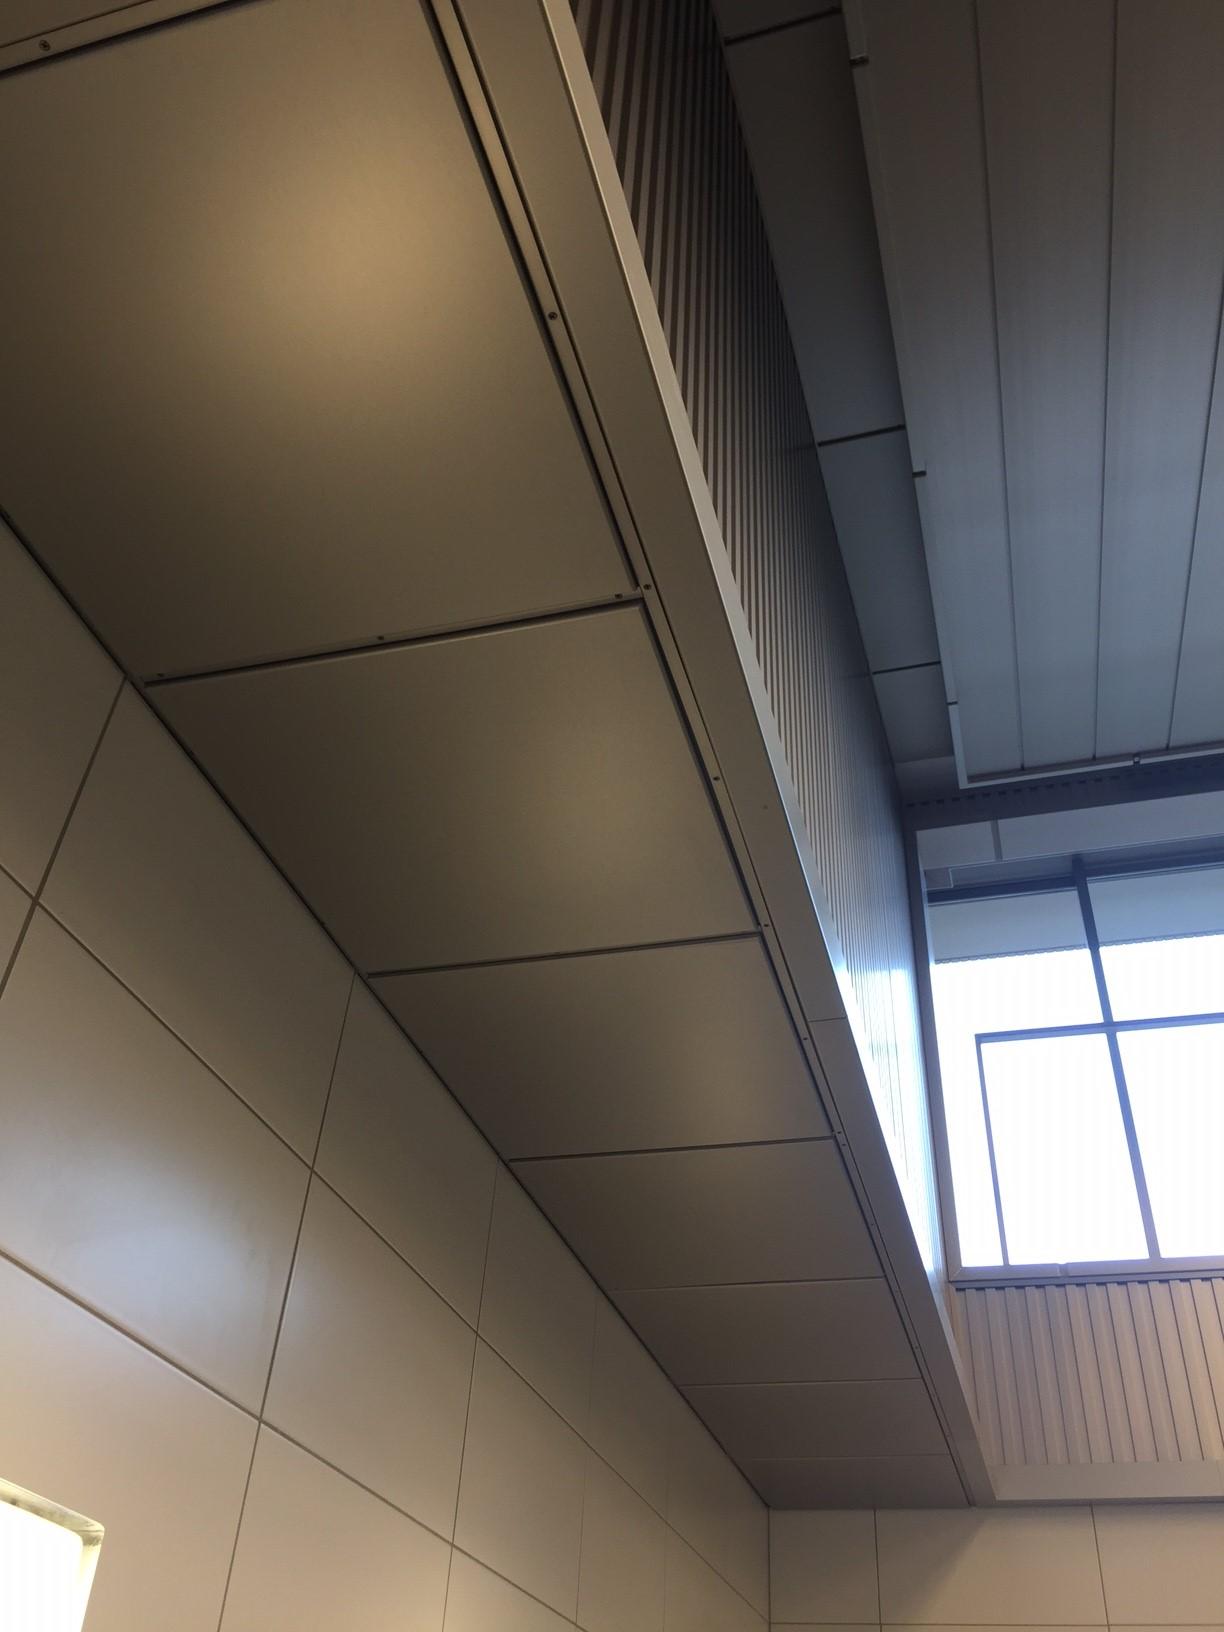 サンシティー立川昭和記念公園 天井照明パネル(4方) 天井・壁パネル・結露受け9